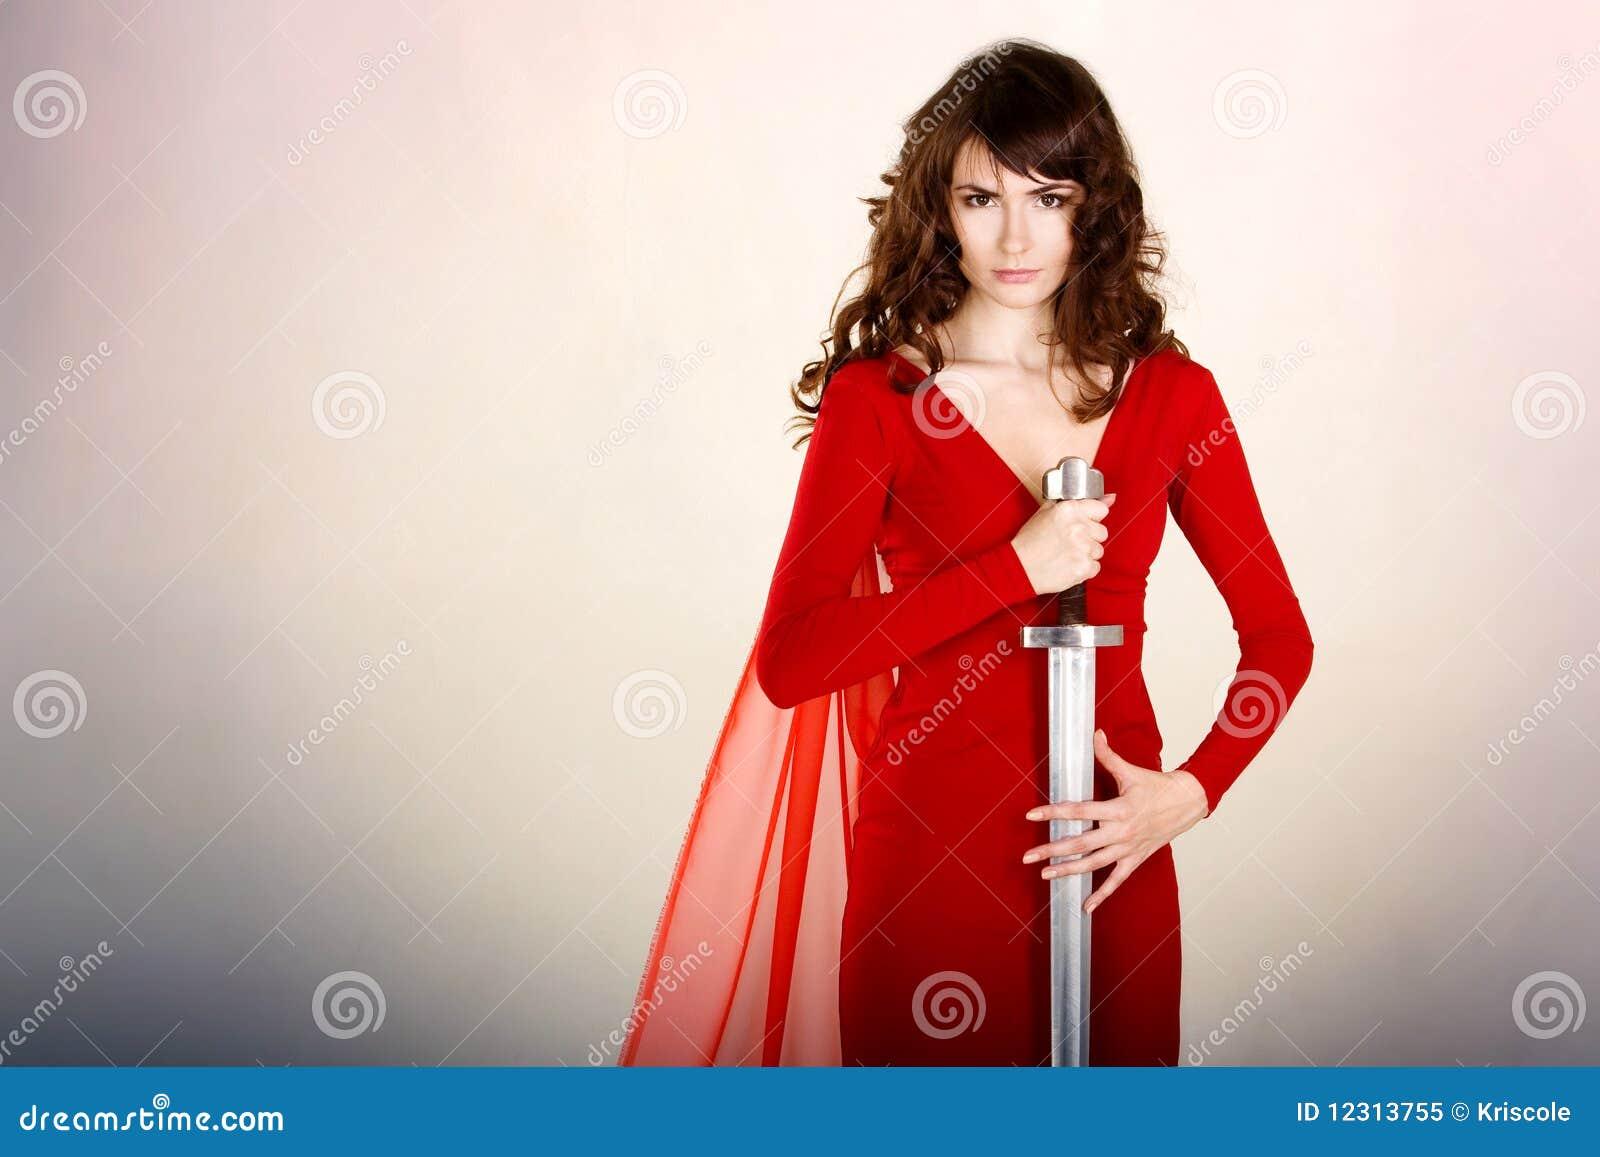 Девушка с саблей фото